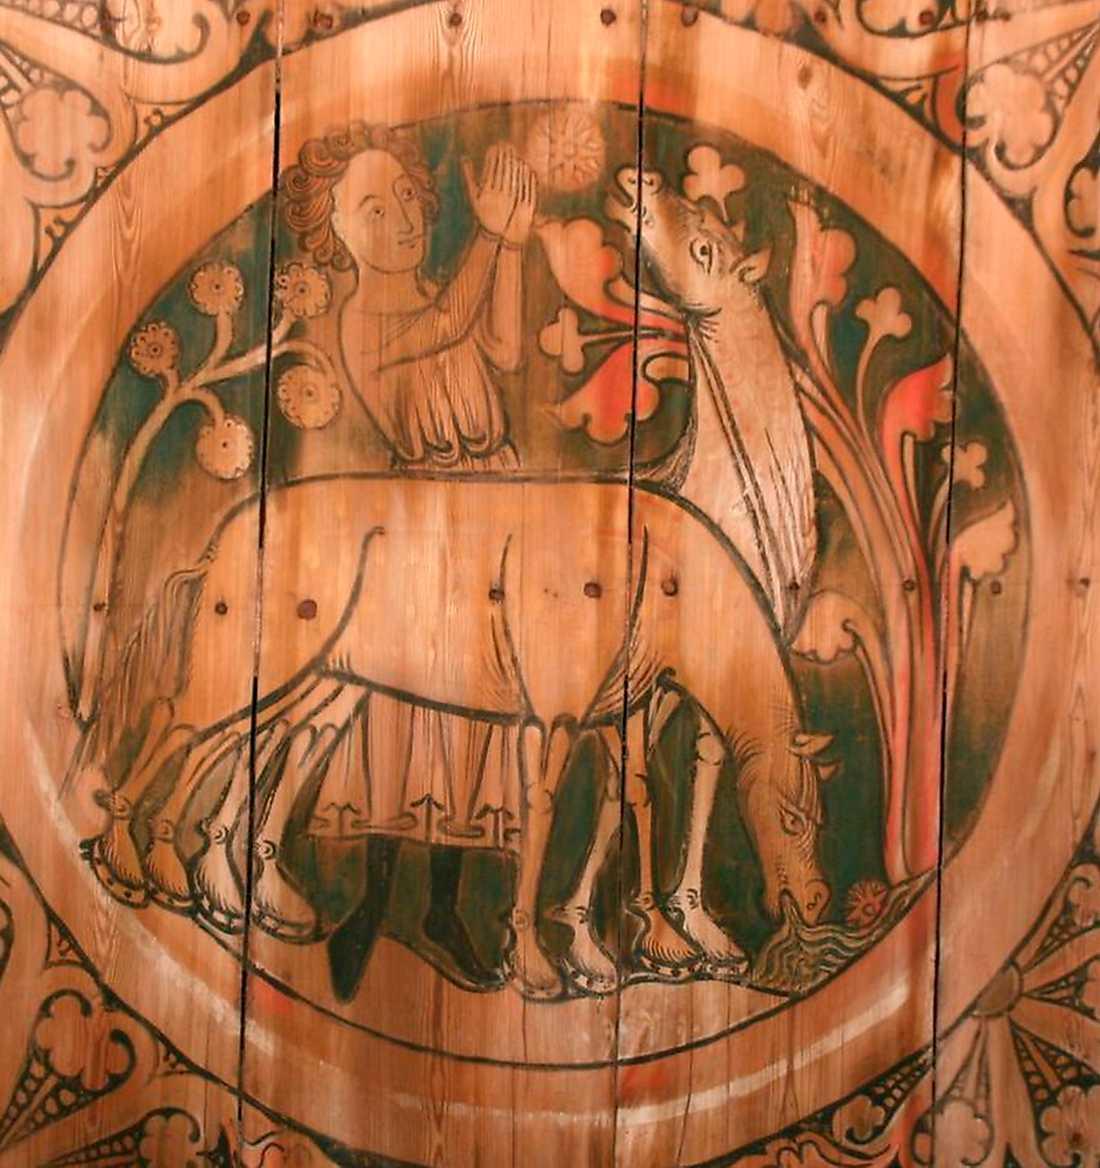 Staffan stalledräng vattnar fålar i medeltida takmålning från 1200-talet i Dädesjö gamla kyrka i Småland.